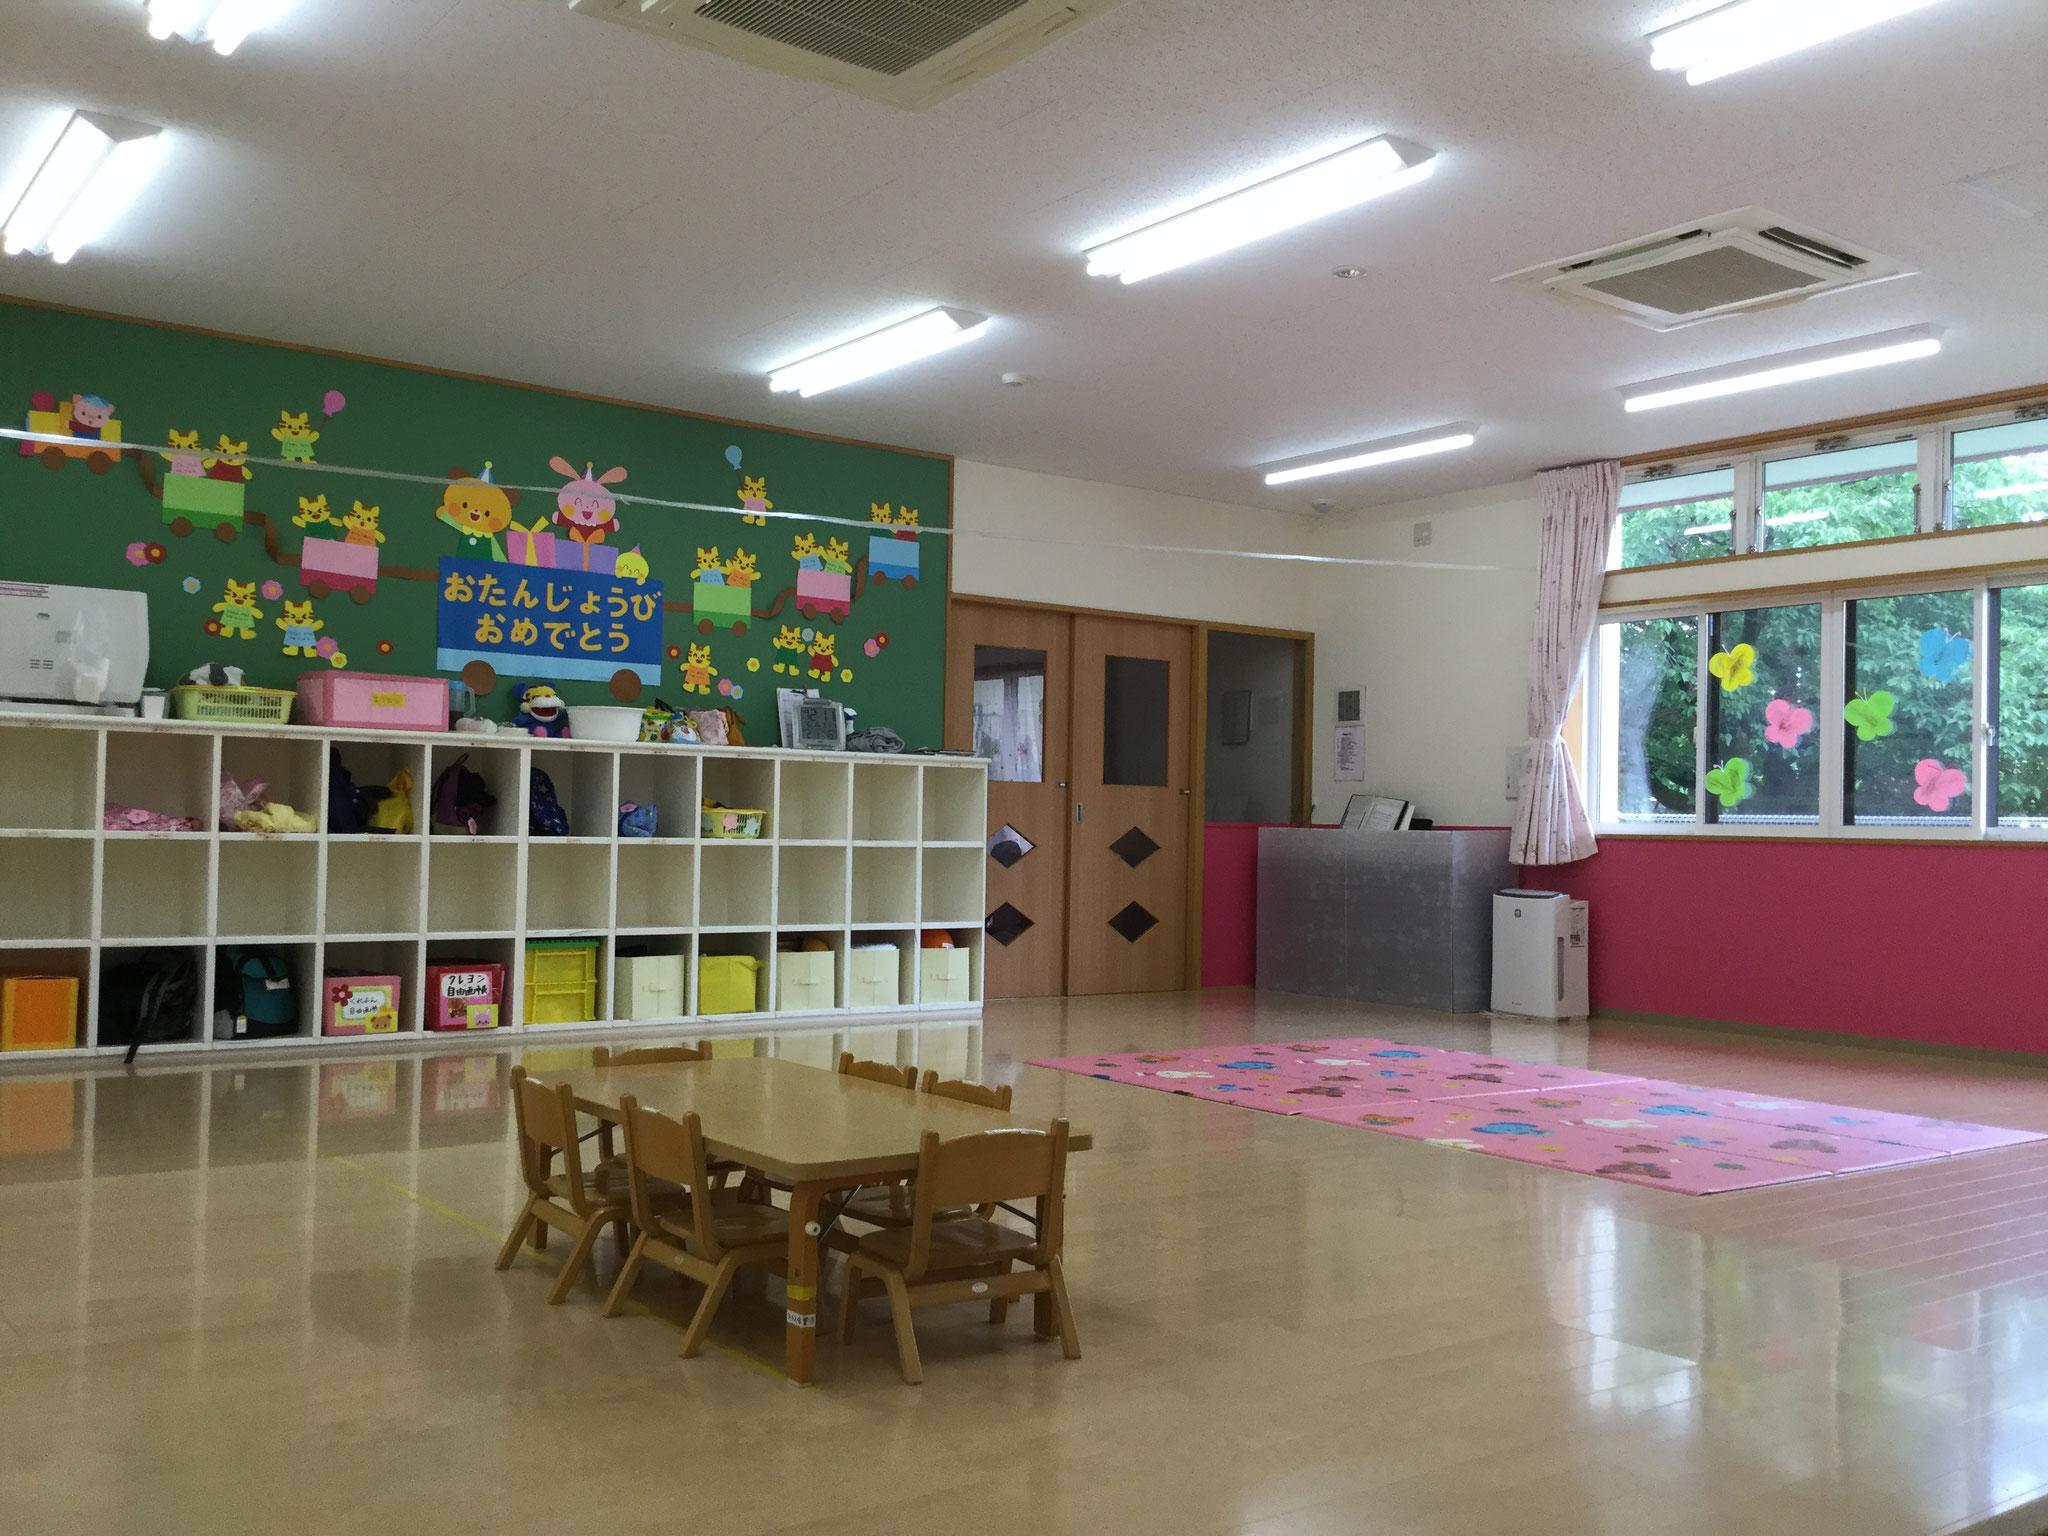 にゃんにゃん組(1歳児)のお部屋